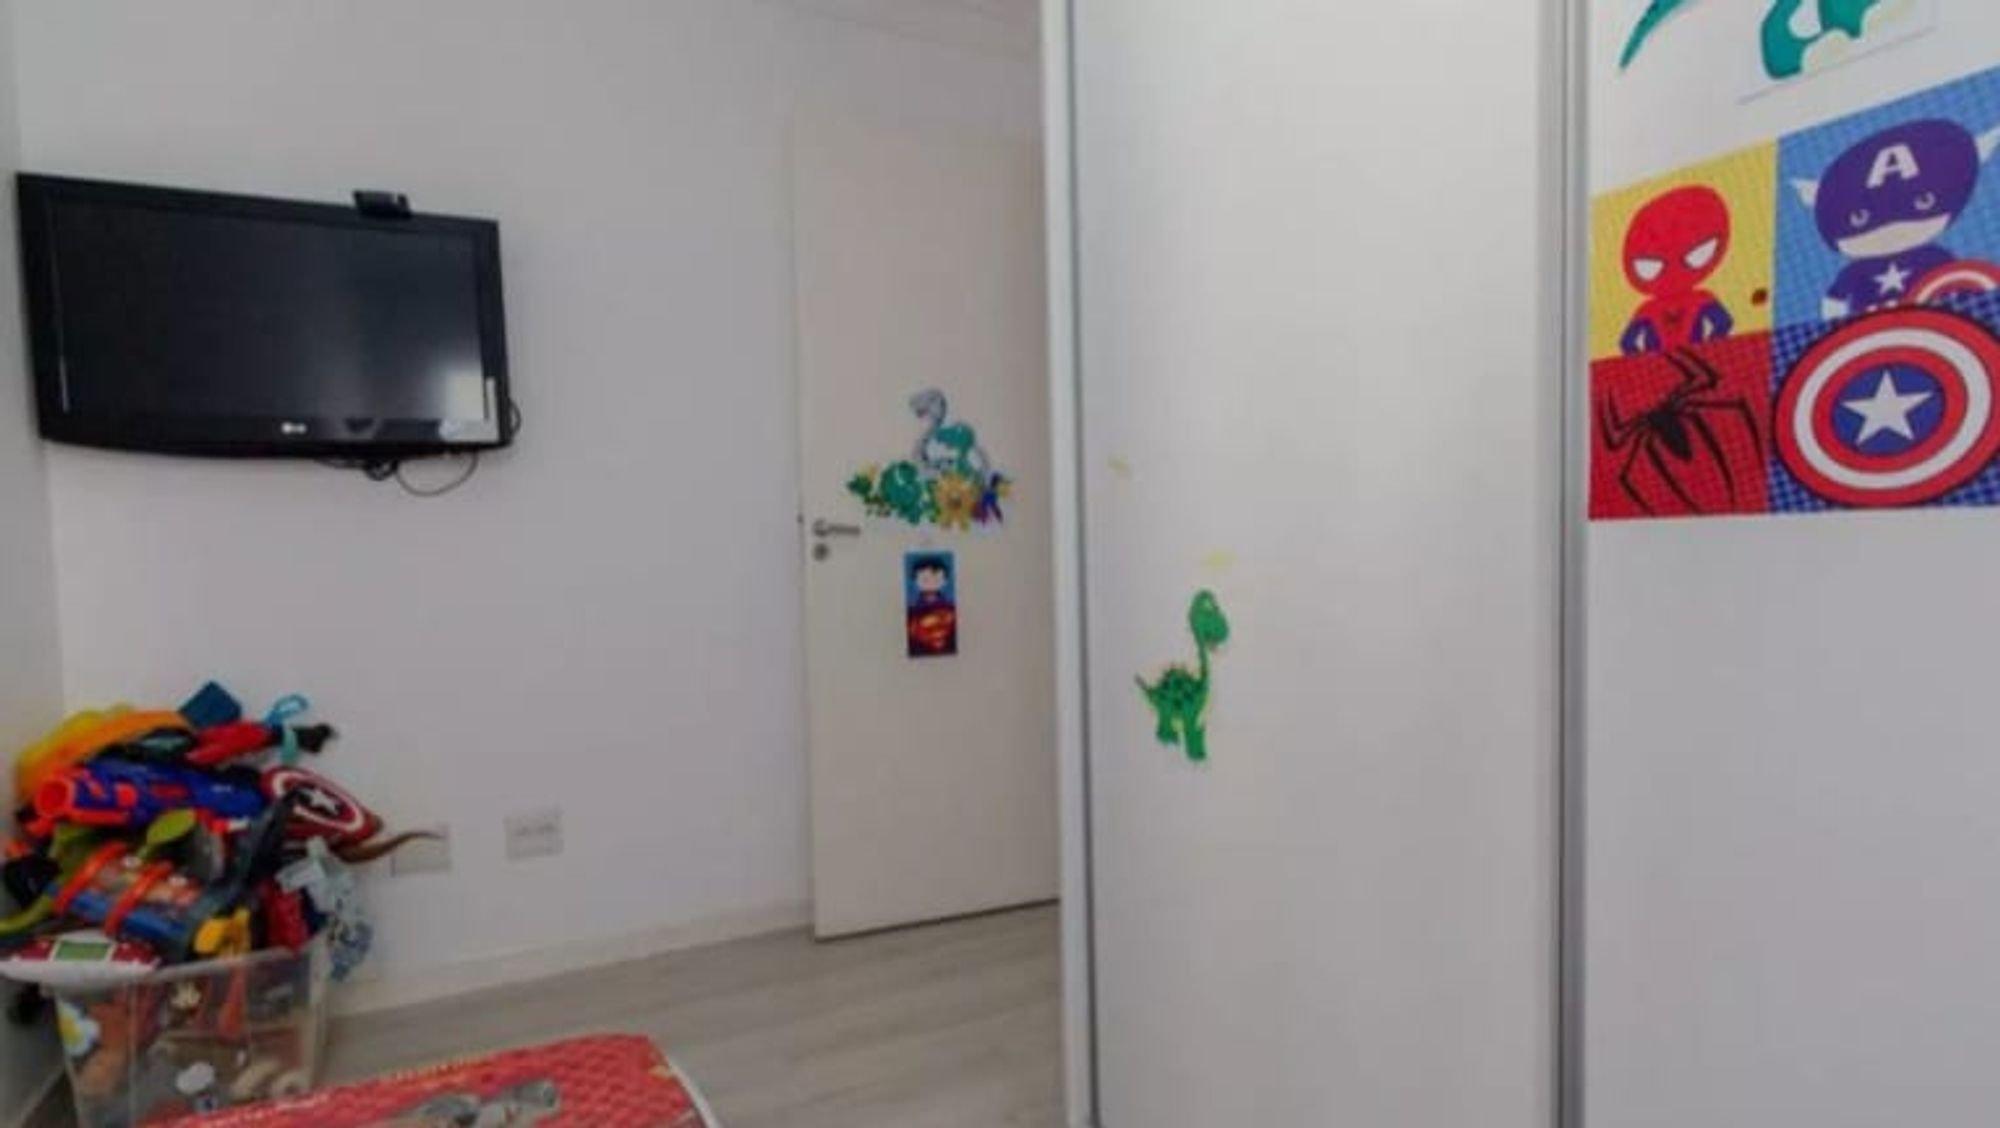 Foto de Quarto com geladeira, televisão